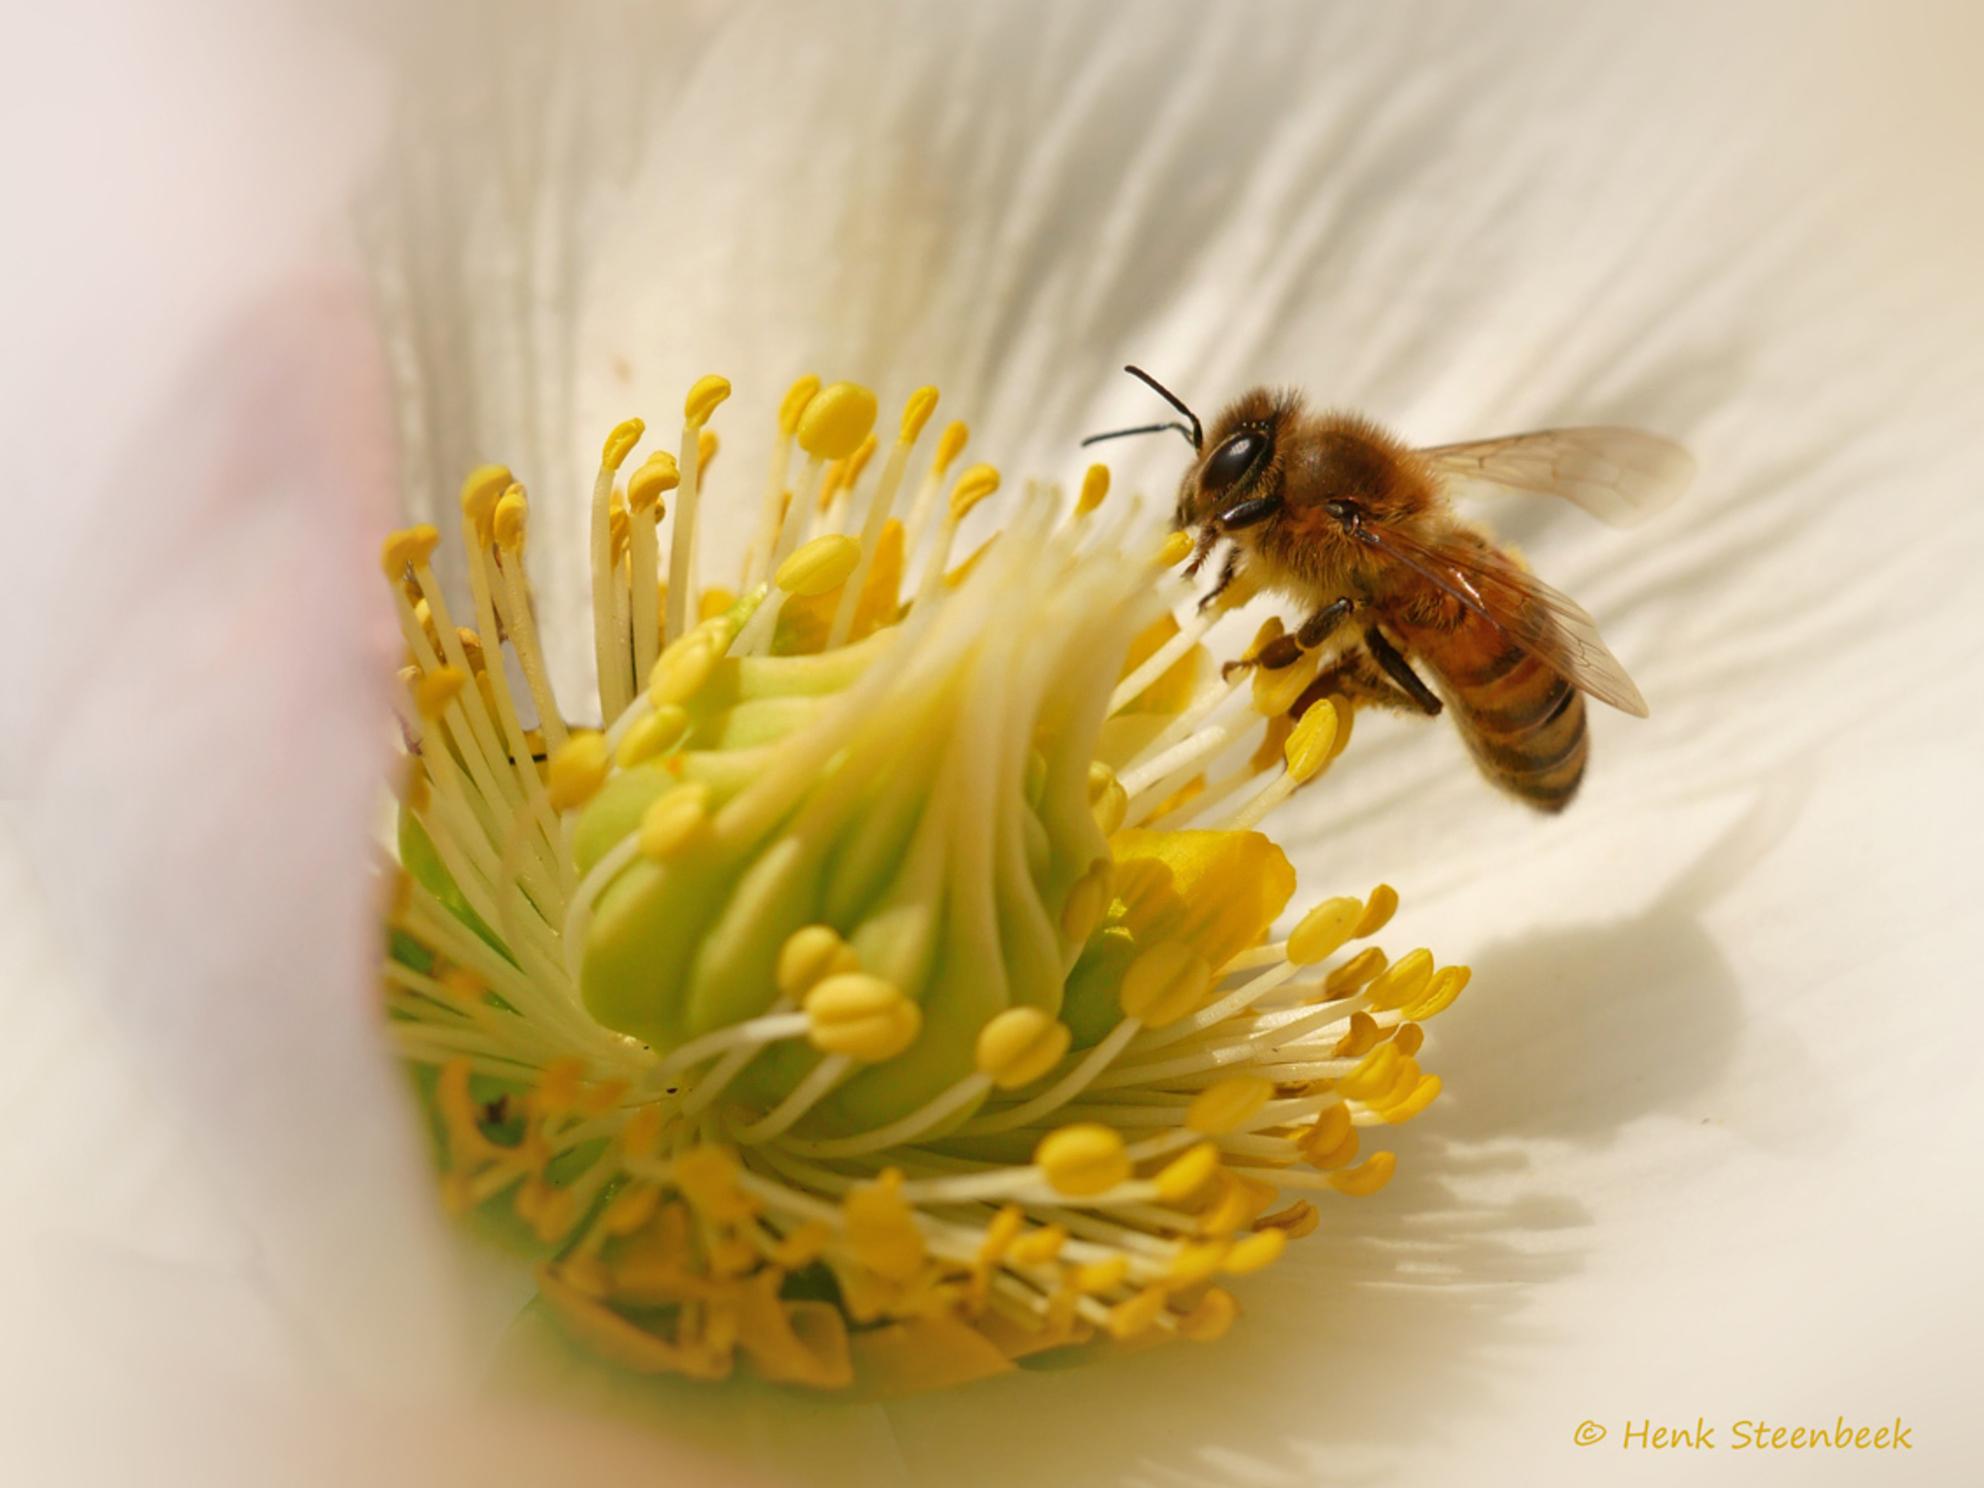 helleborus druk bezocht - Met het relatief warme weer zoemt het weer in de tuin. Er zijn erchter nog weinig bloemen dus deze helleborus wordt druk bezocht door de kleine bijen - foto door HenkSt op 26-02-2021 - deze foto bevat: macro, bij, helleborus - Deze foto mag gebruikt worden in een Zoom.nl publicatie